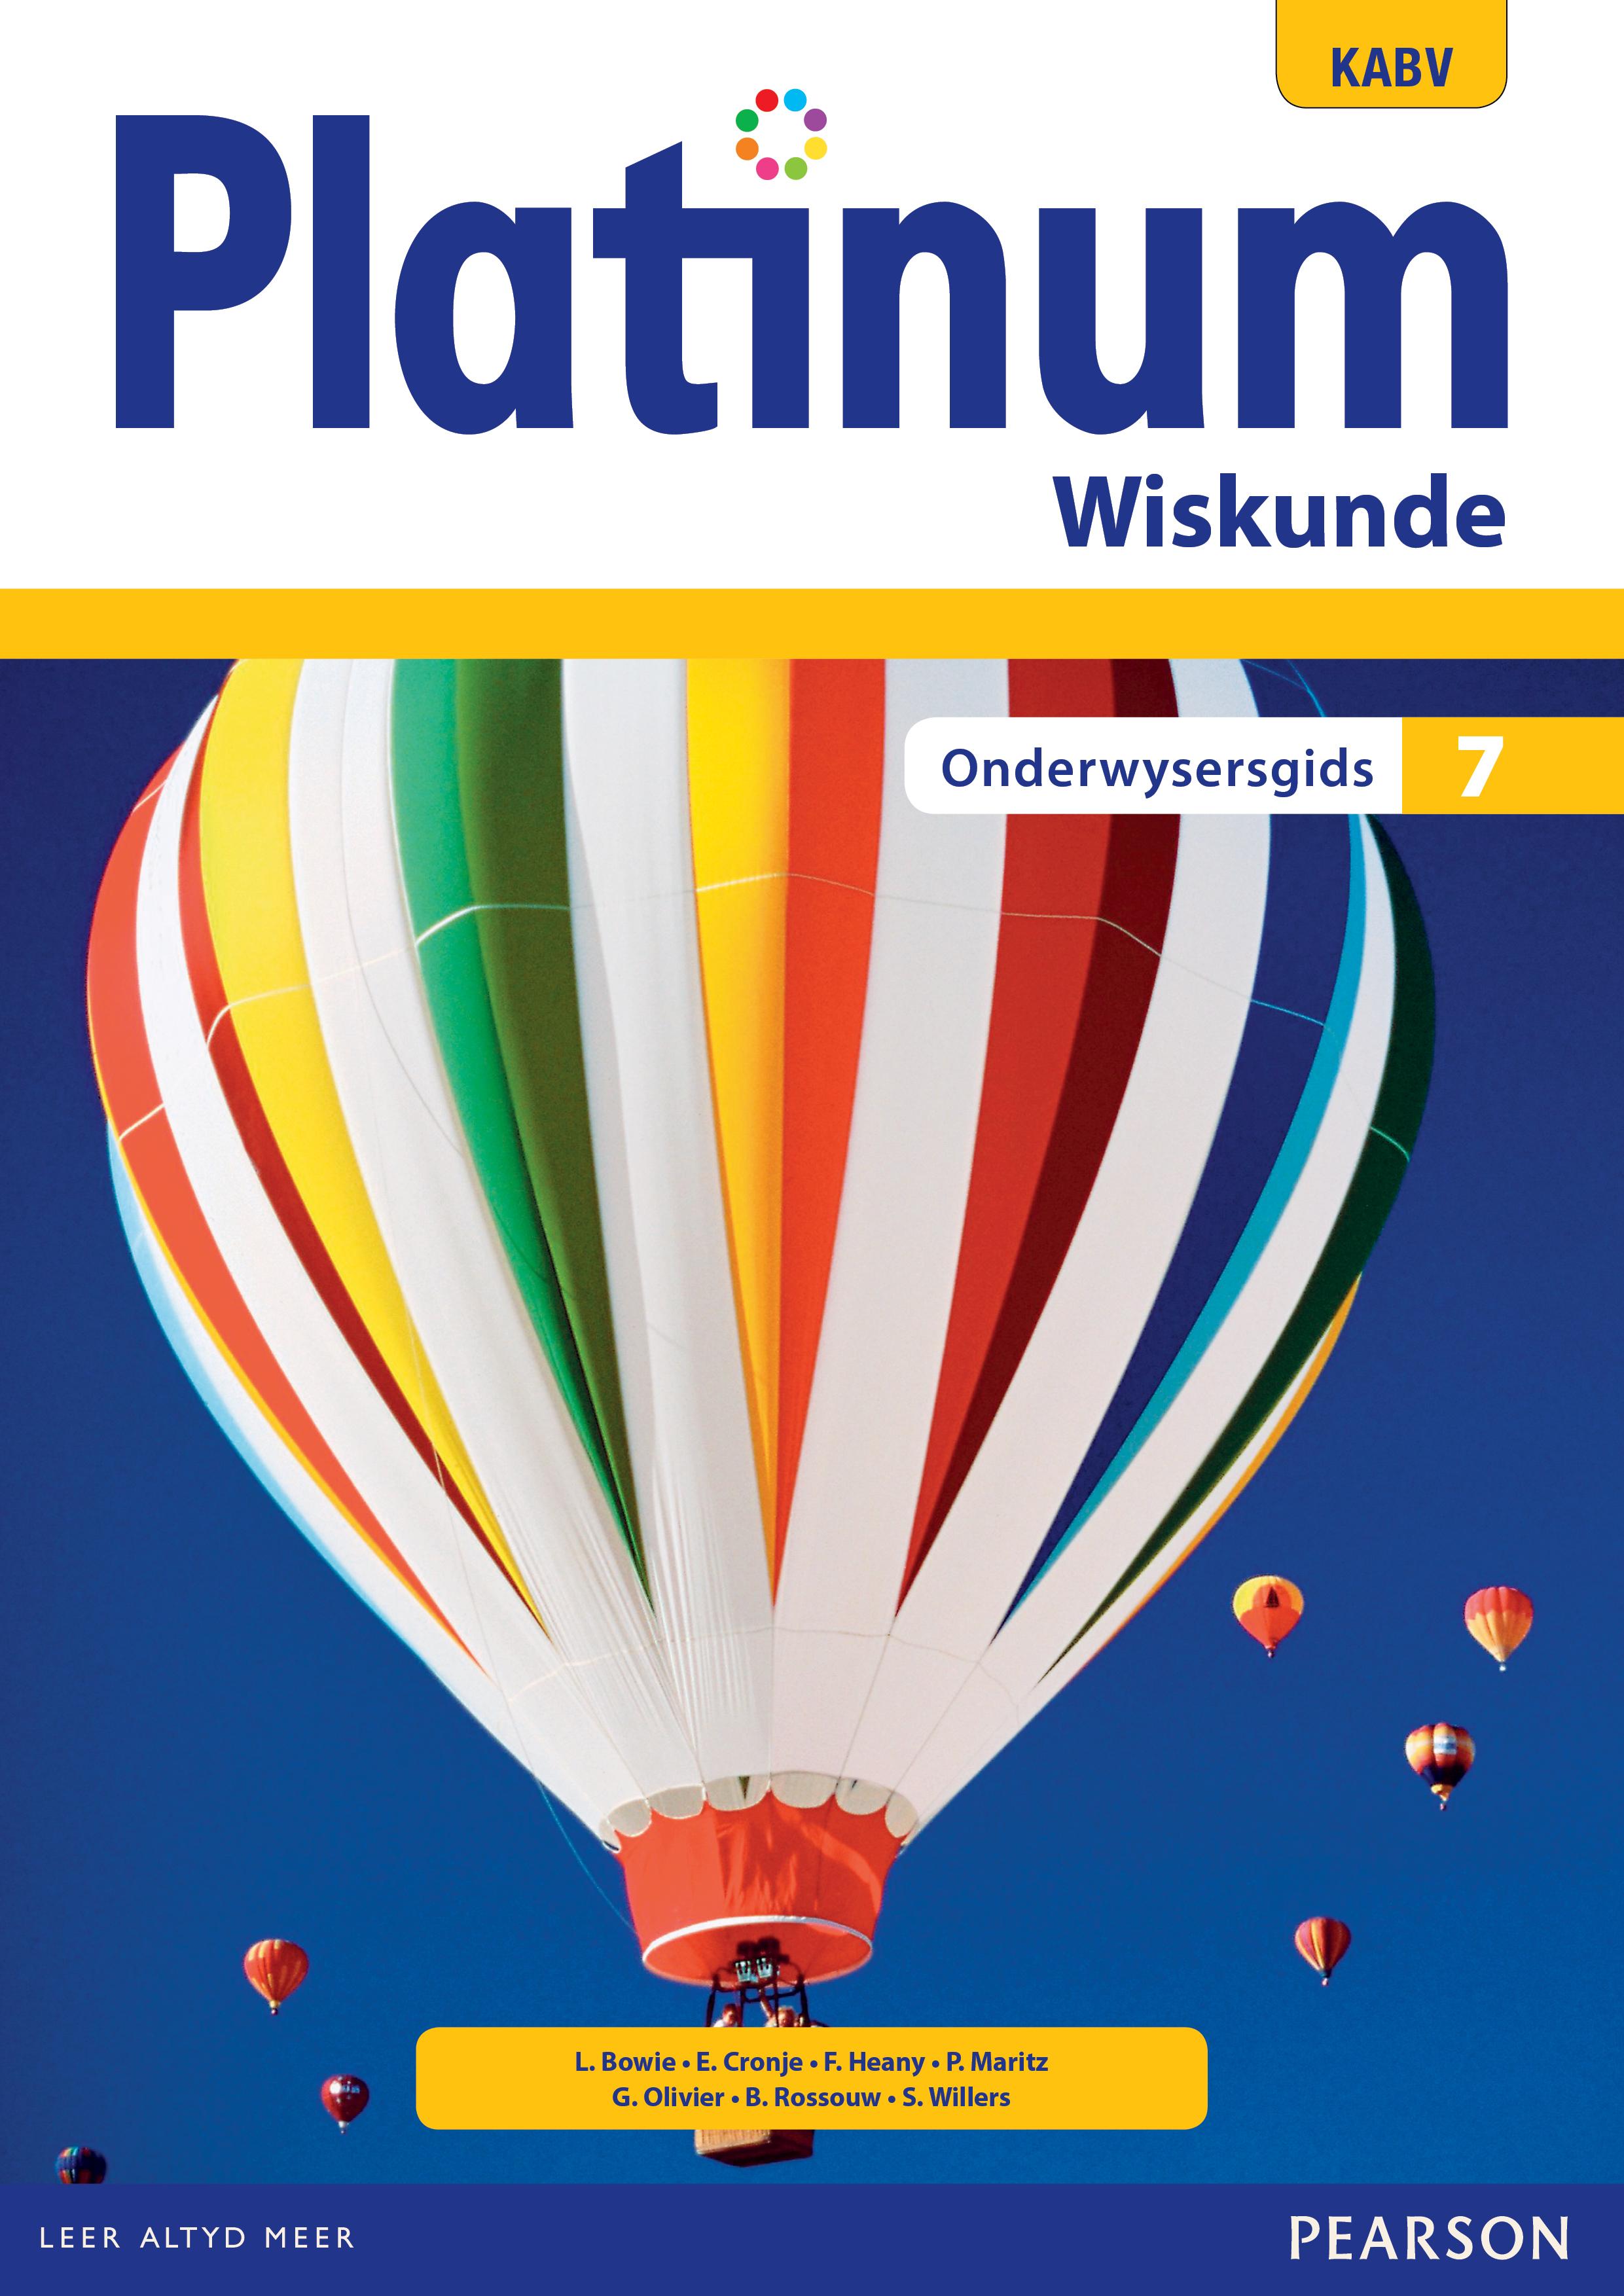 Picture of Platinum wiskunde KABV: Gr 7: Onderwysersgids